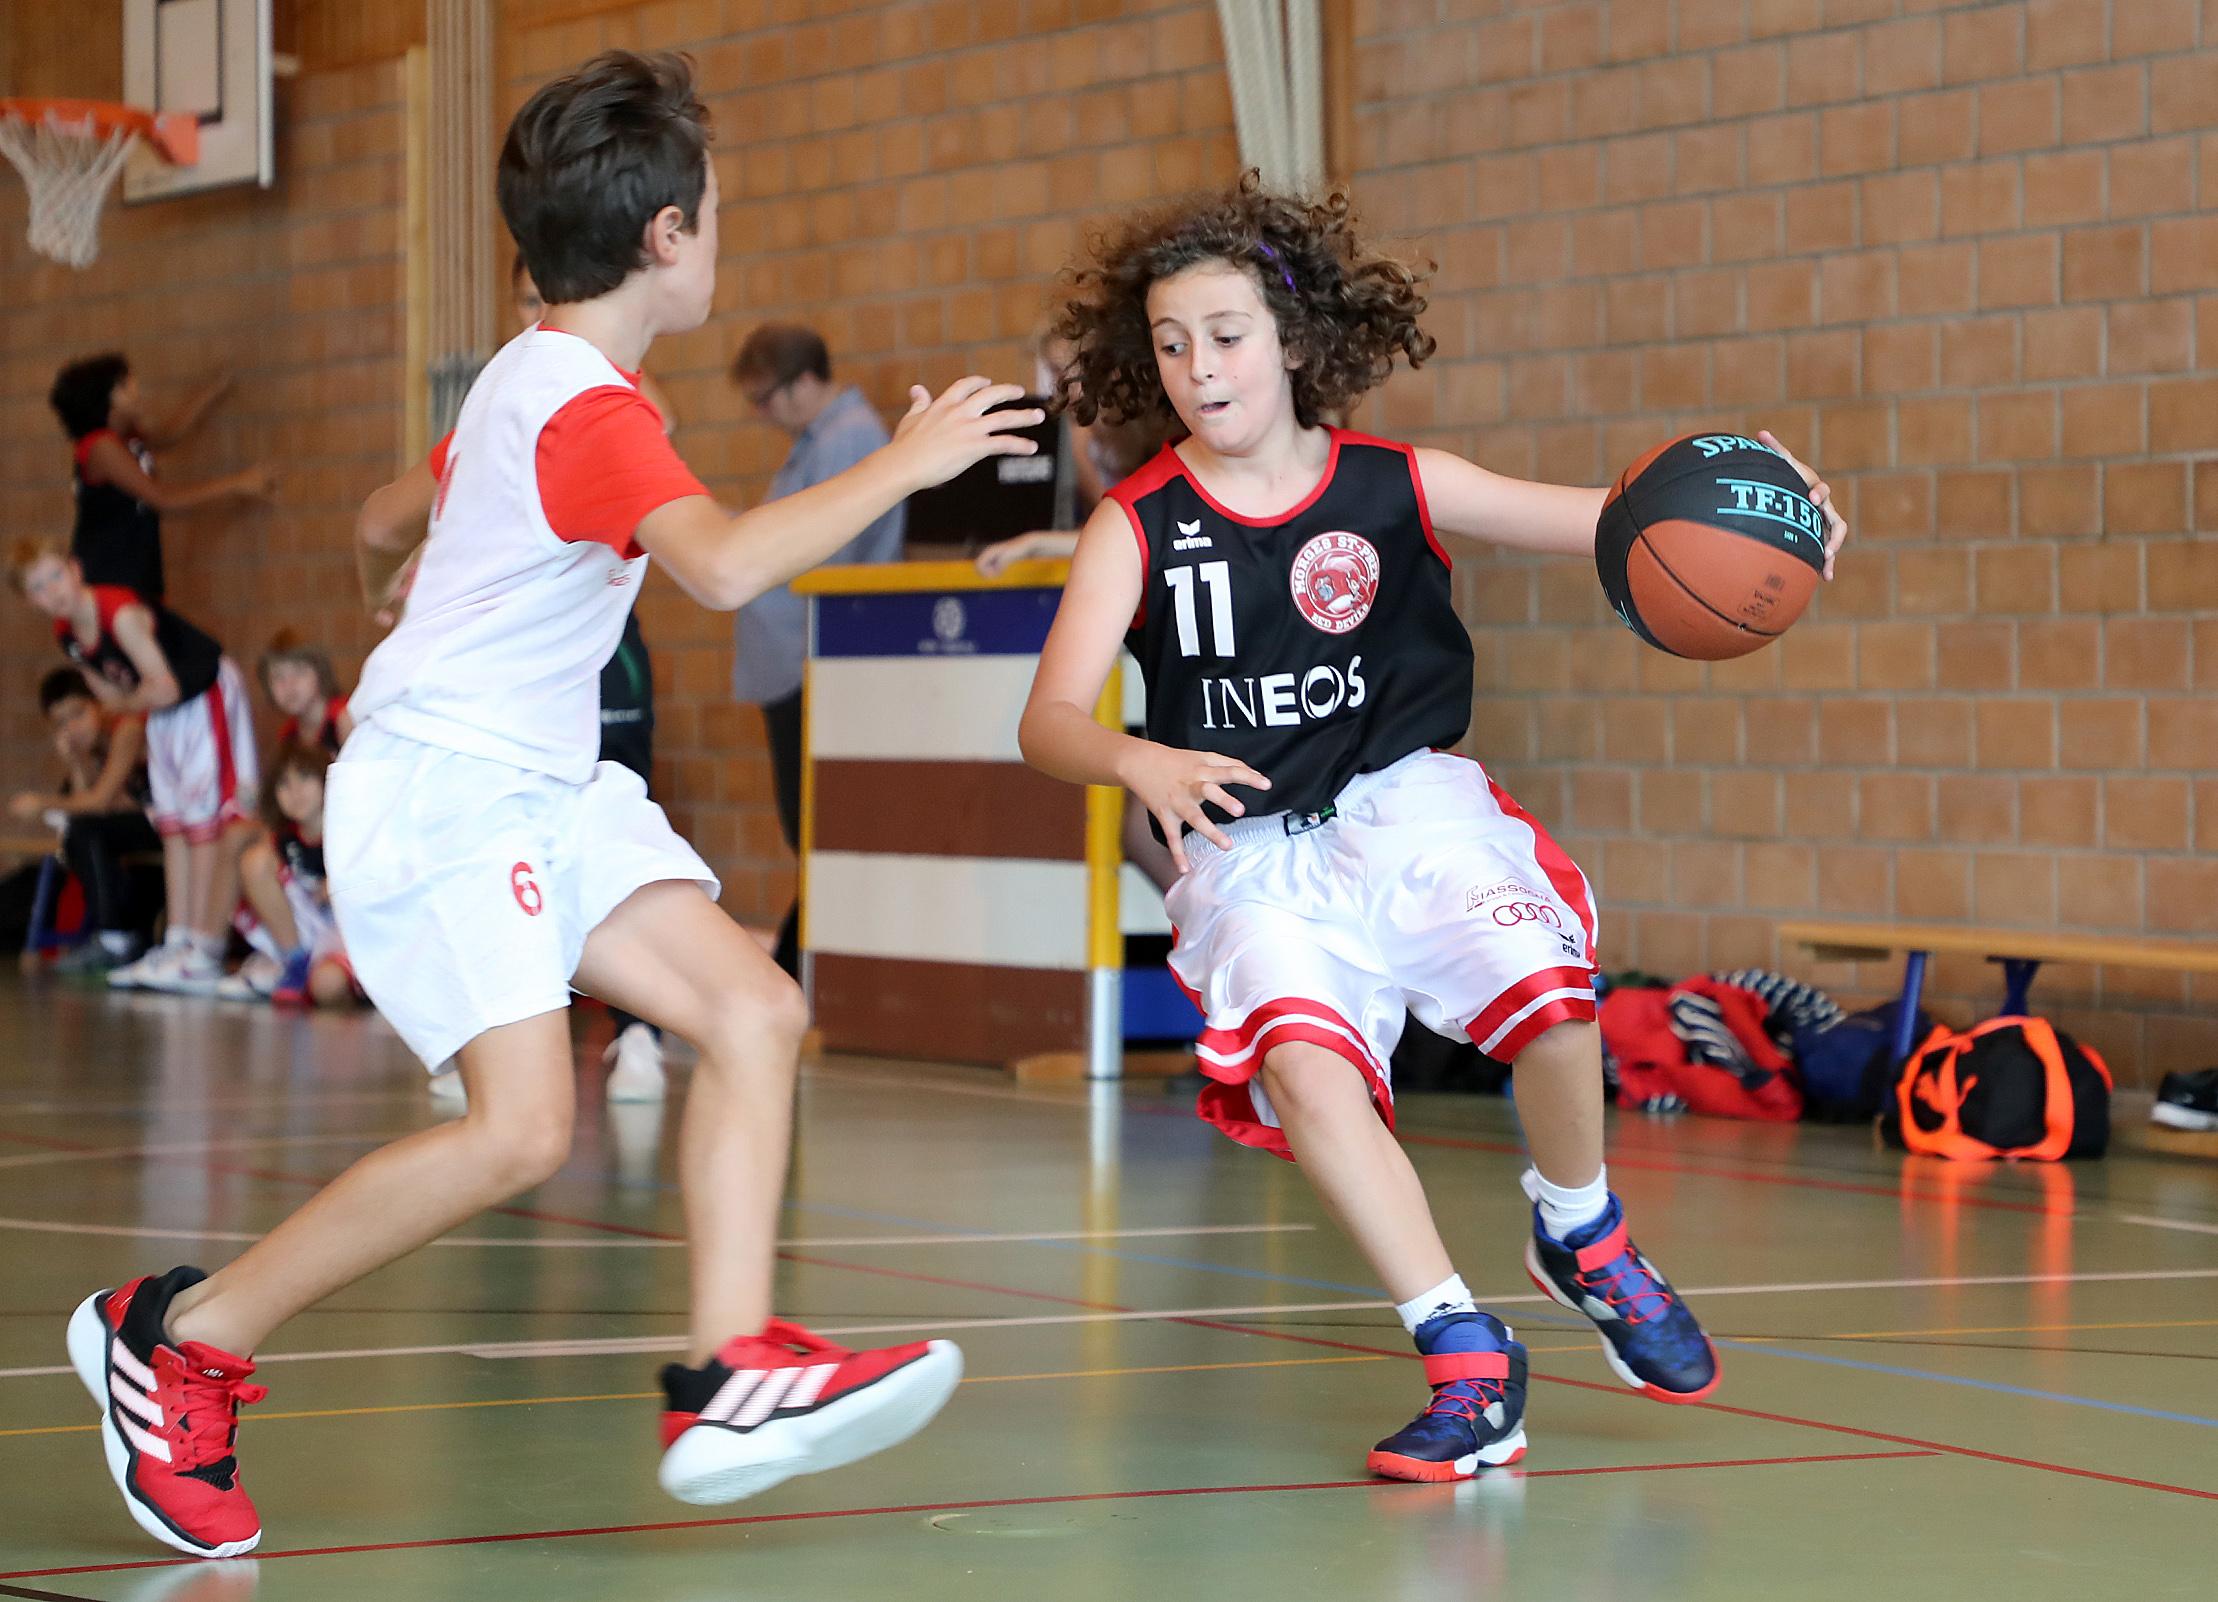 Basketteurs de petite taille, mais derby de haut vol